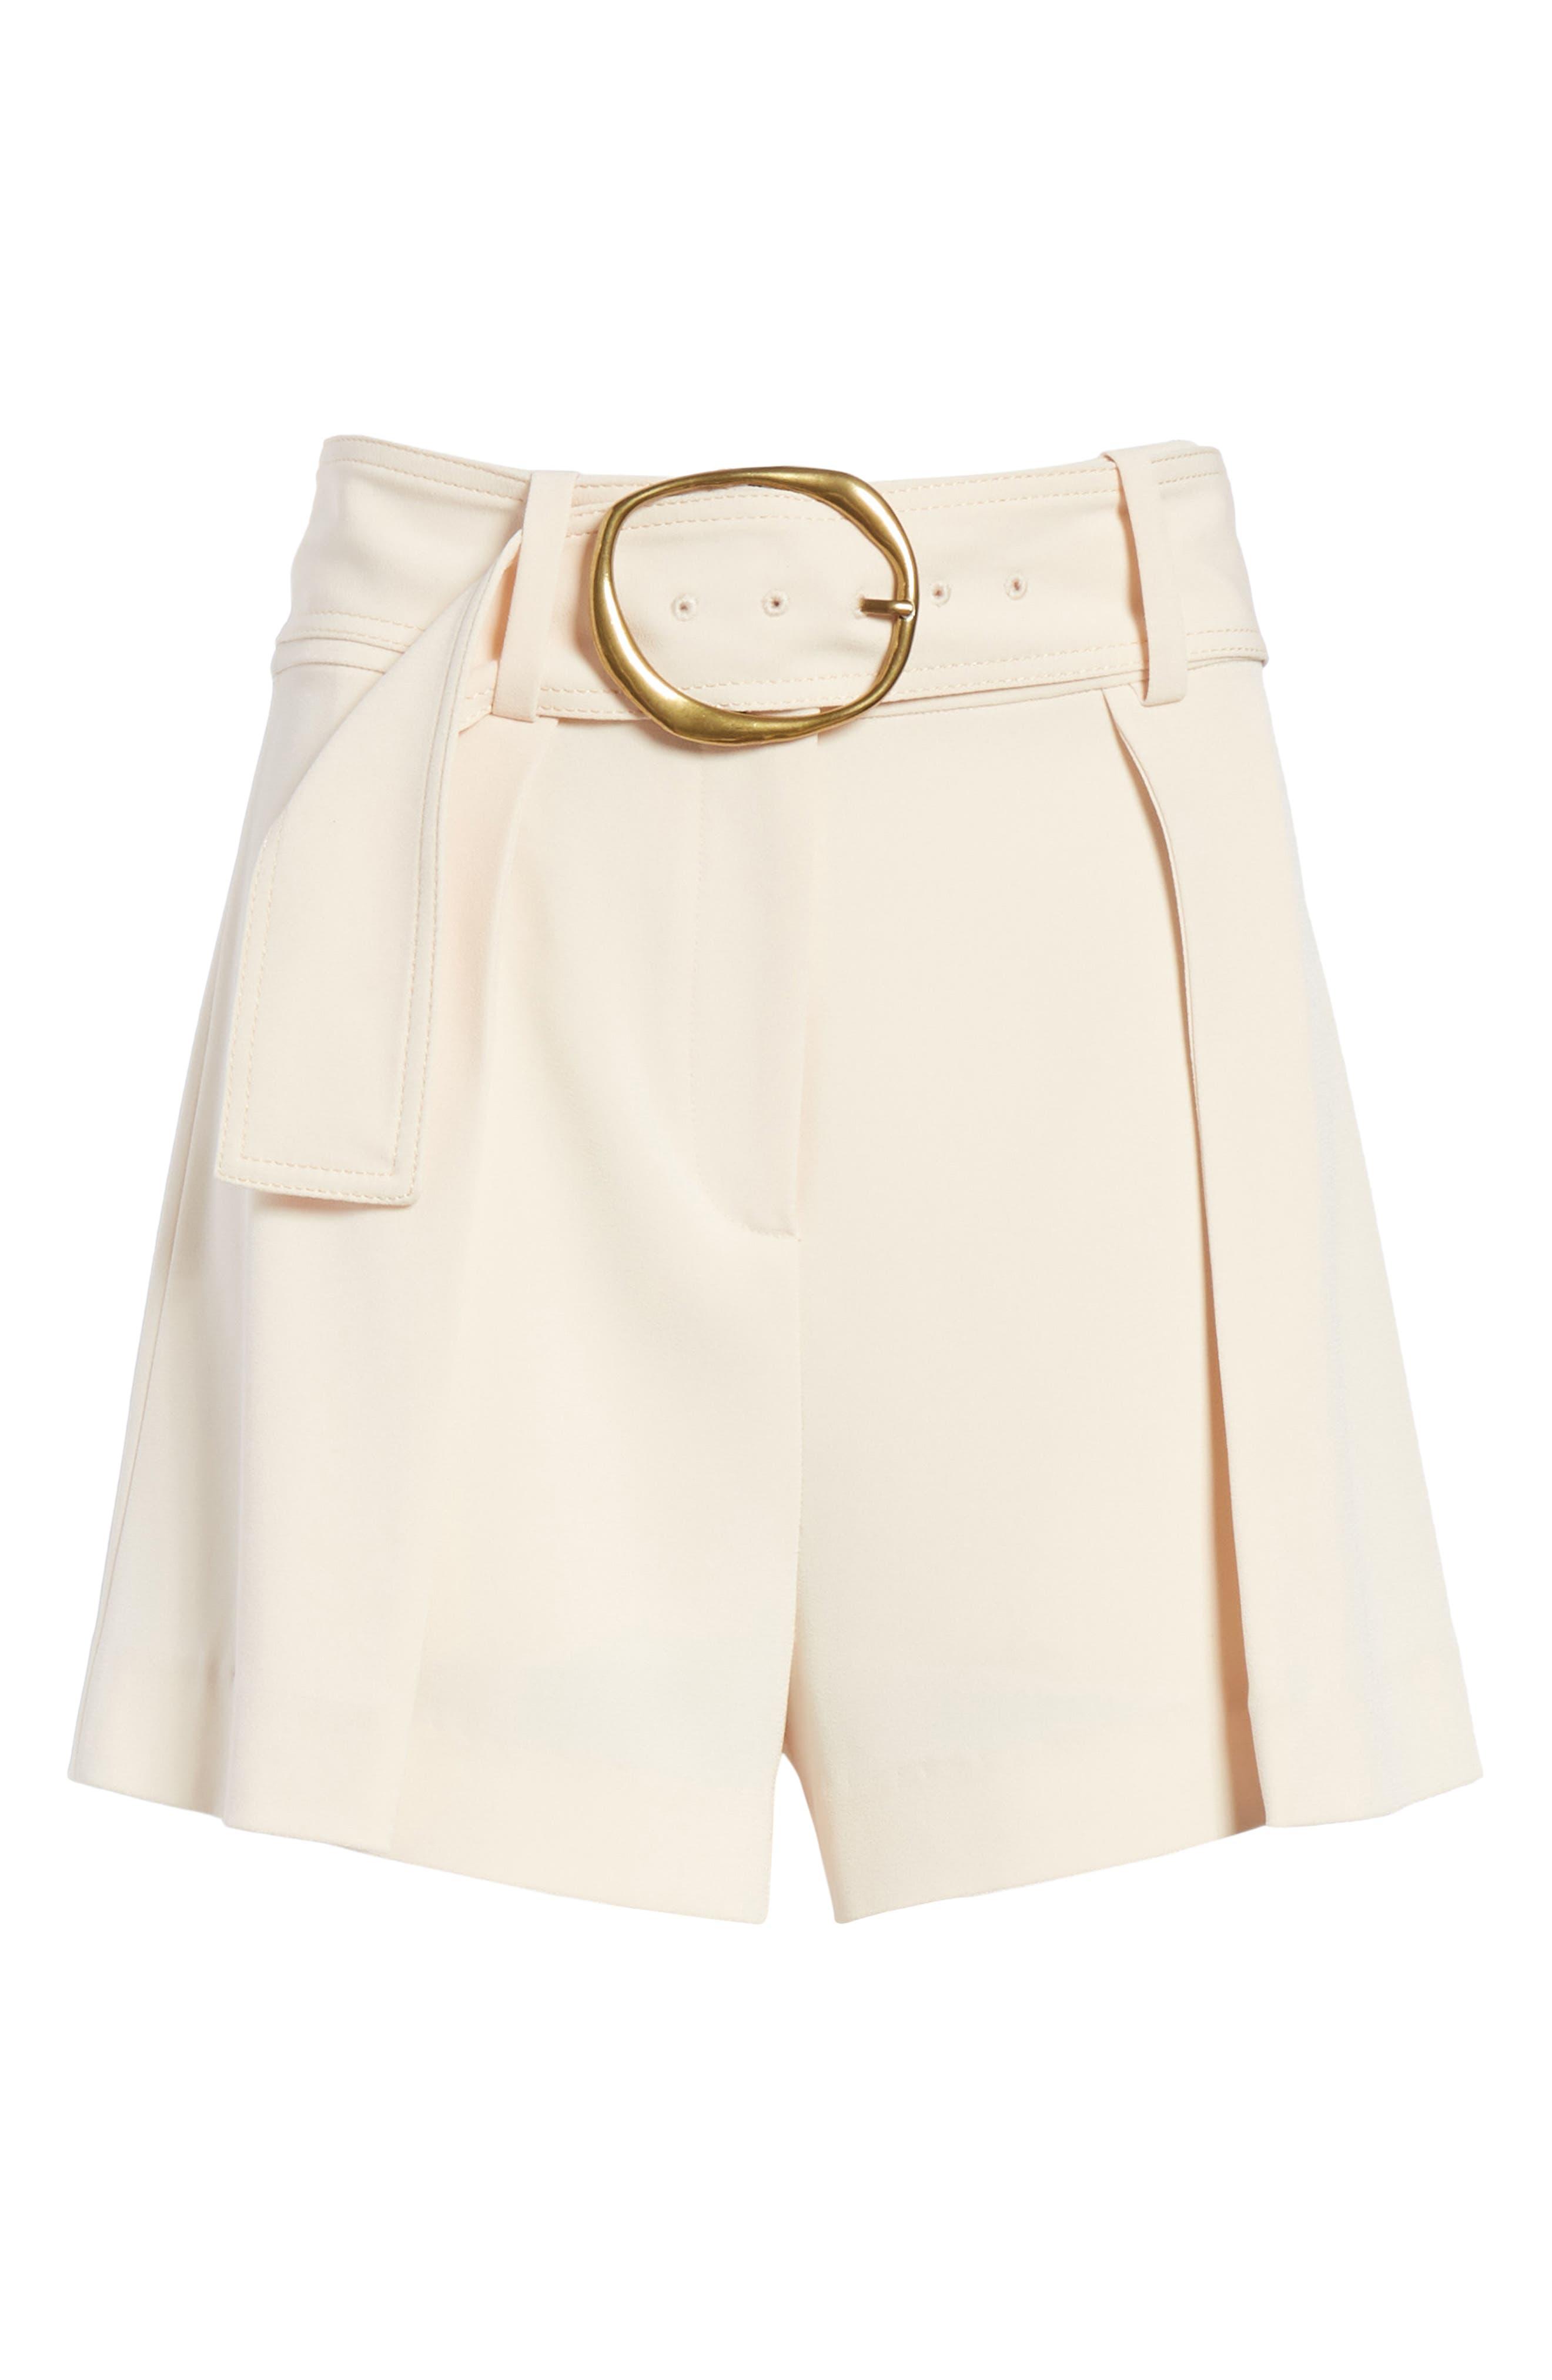 Belted Shorts,                             Alternate thumbnail 6, color,                             Sandstone